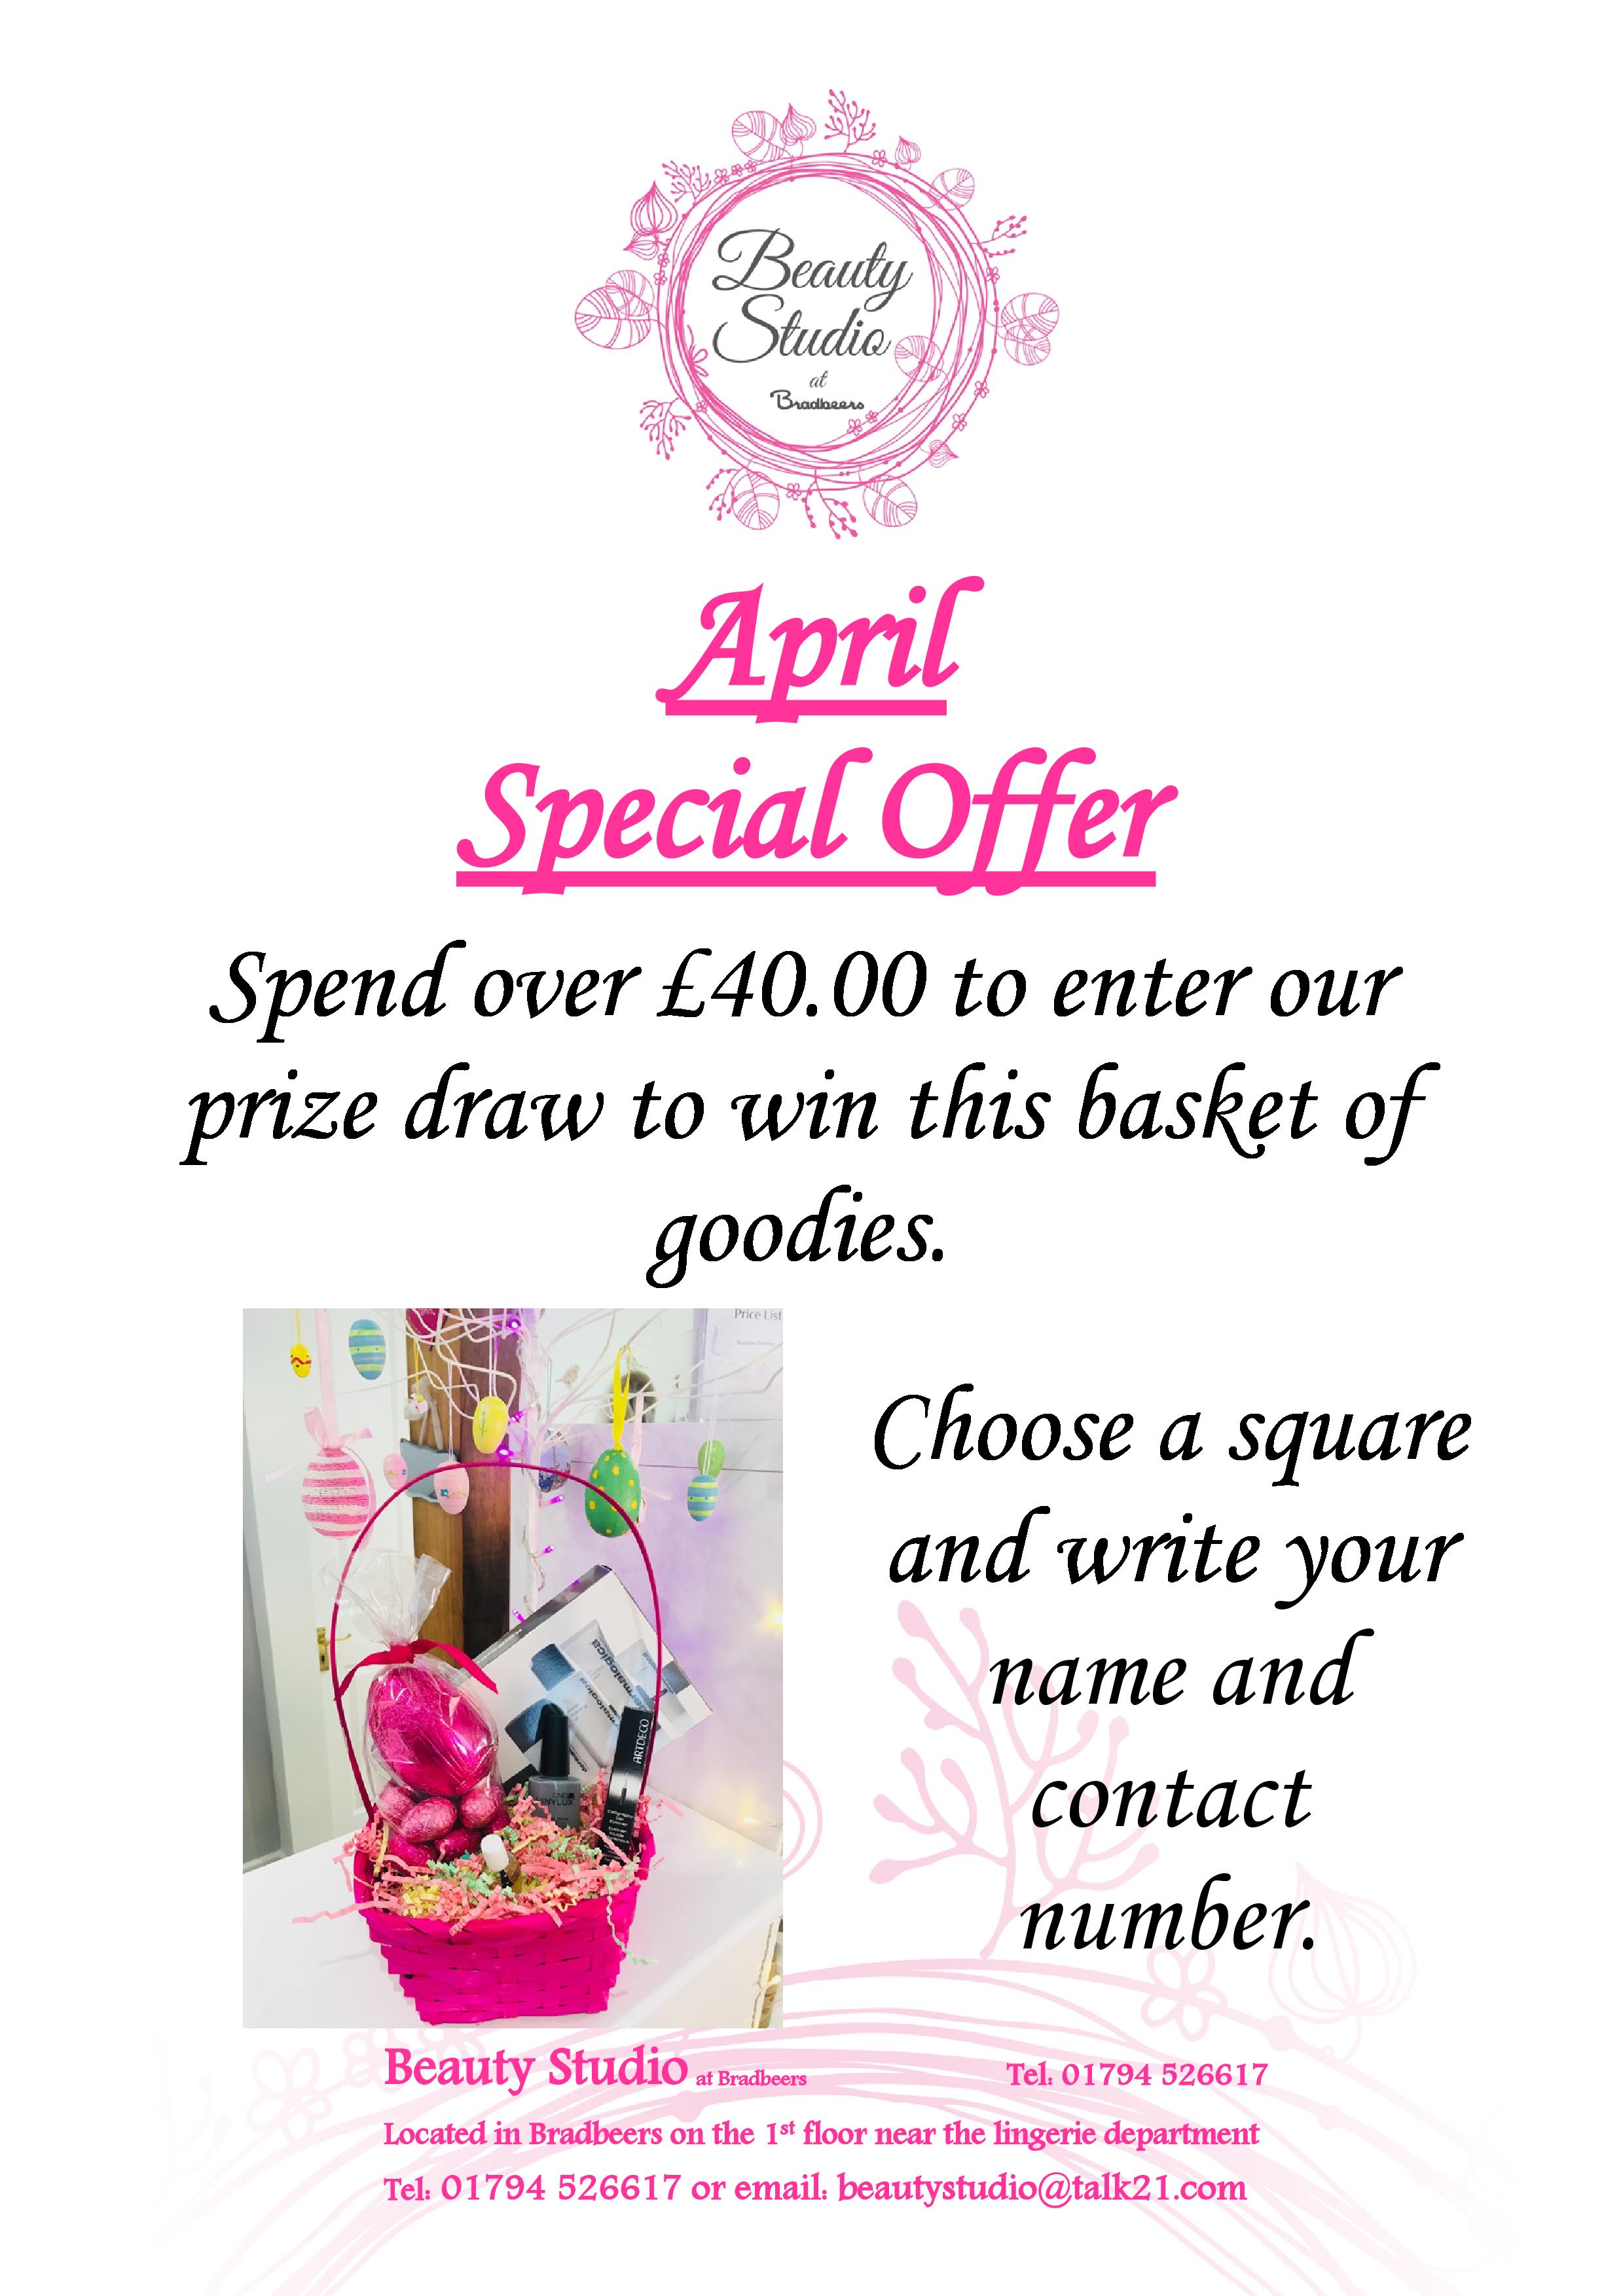 4 April Special Offer (2)